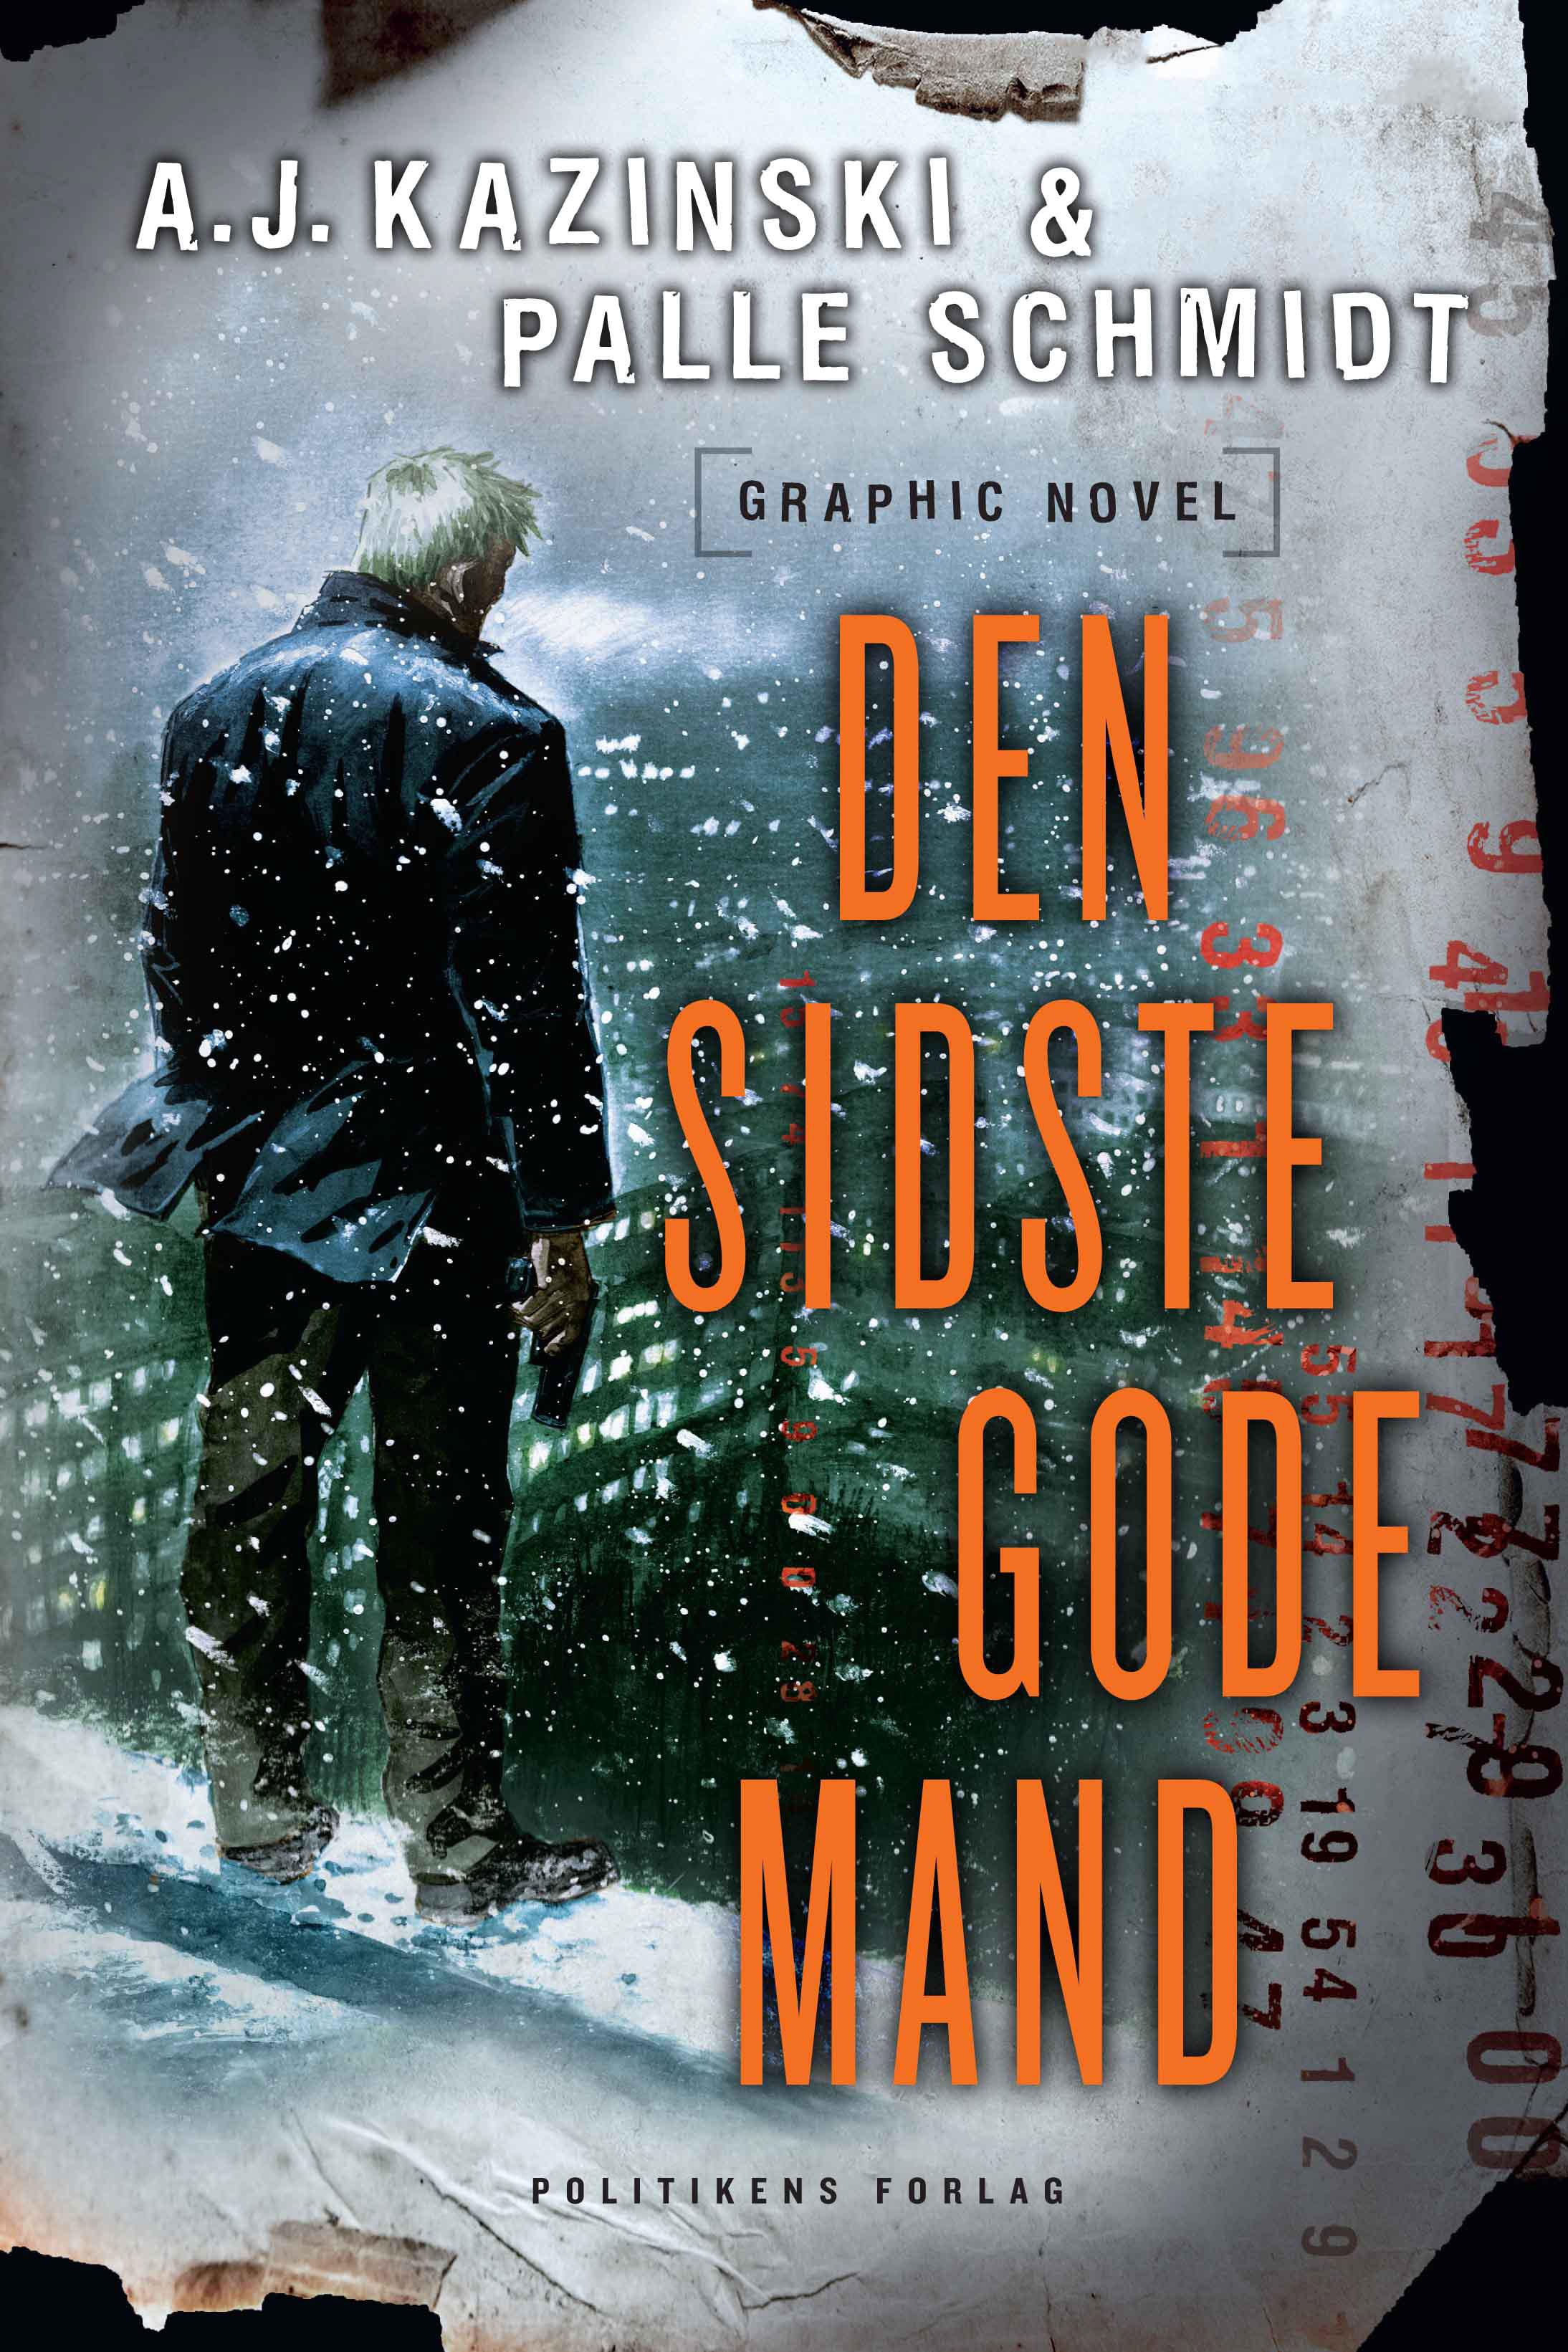 Den sidste gode mand - graphic novel